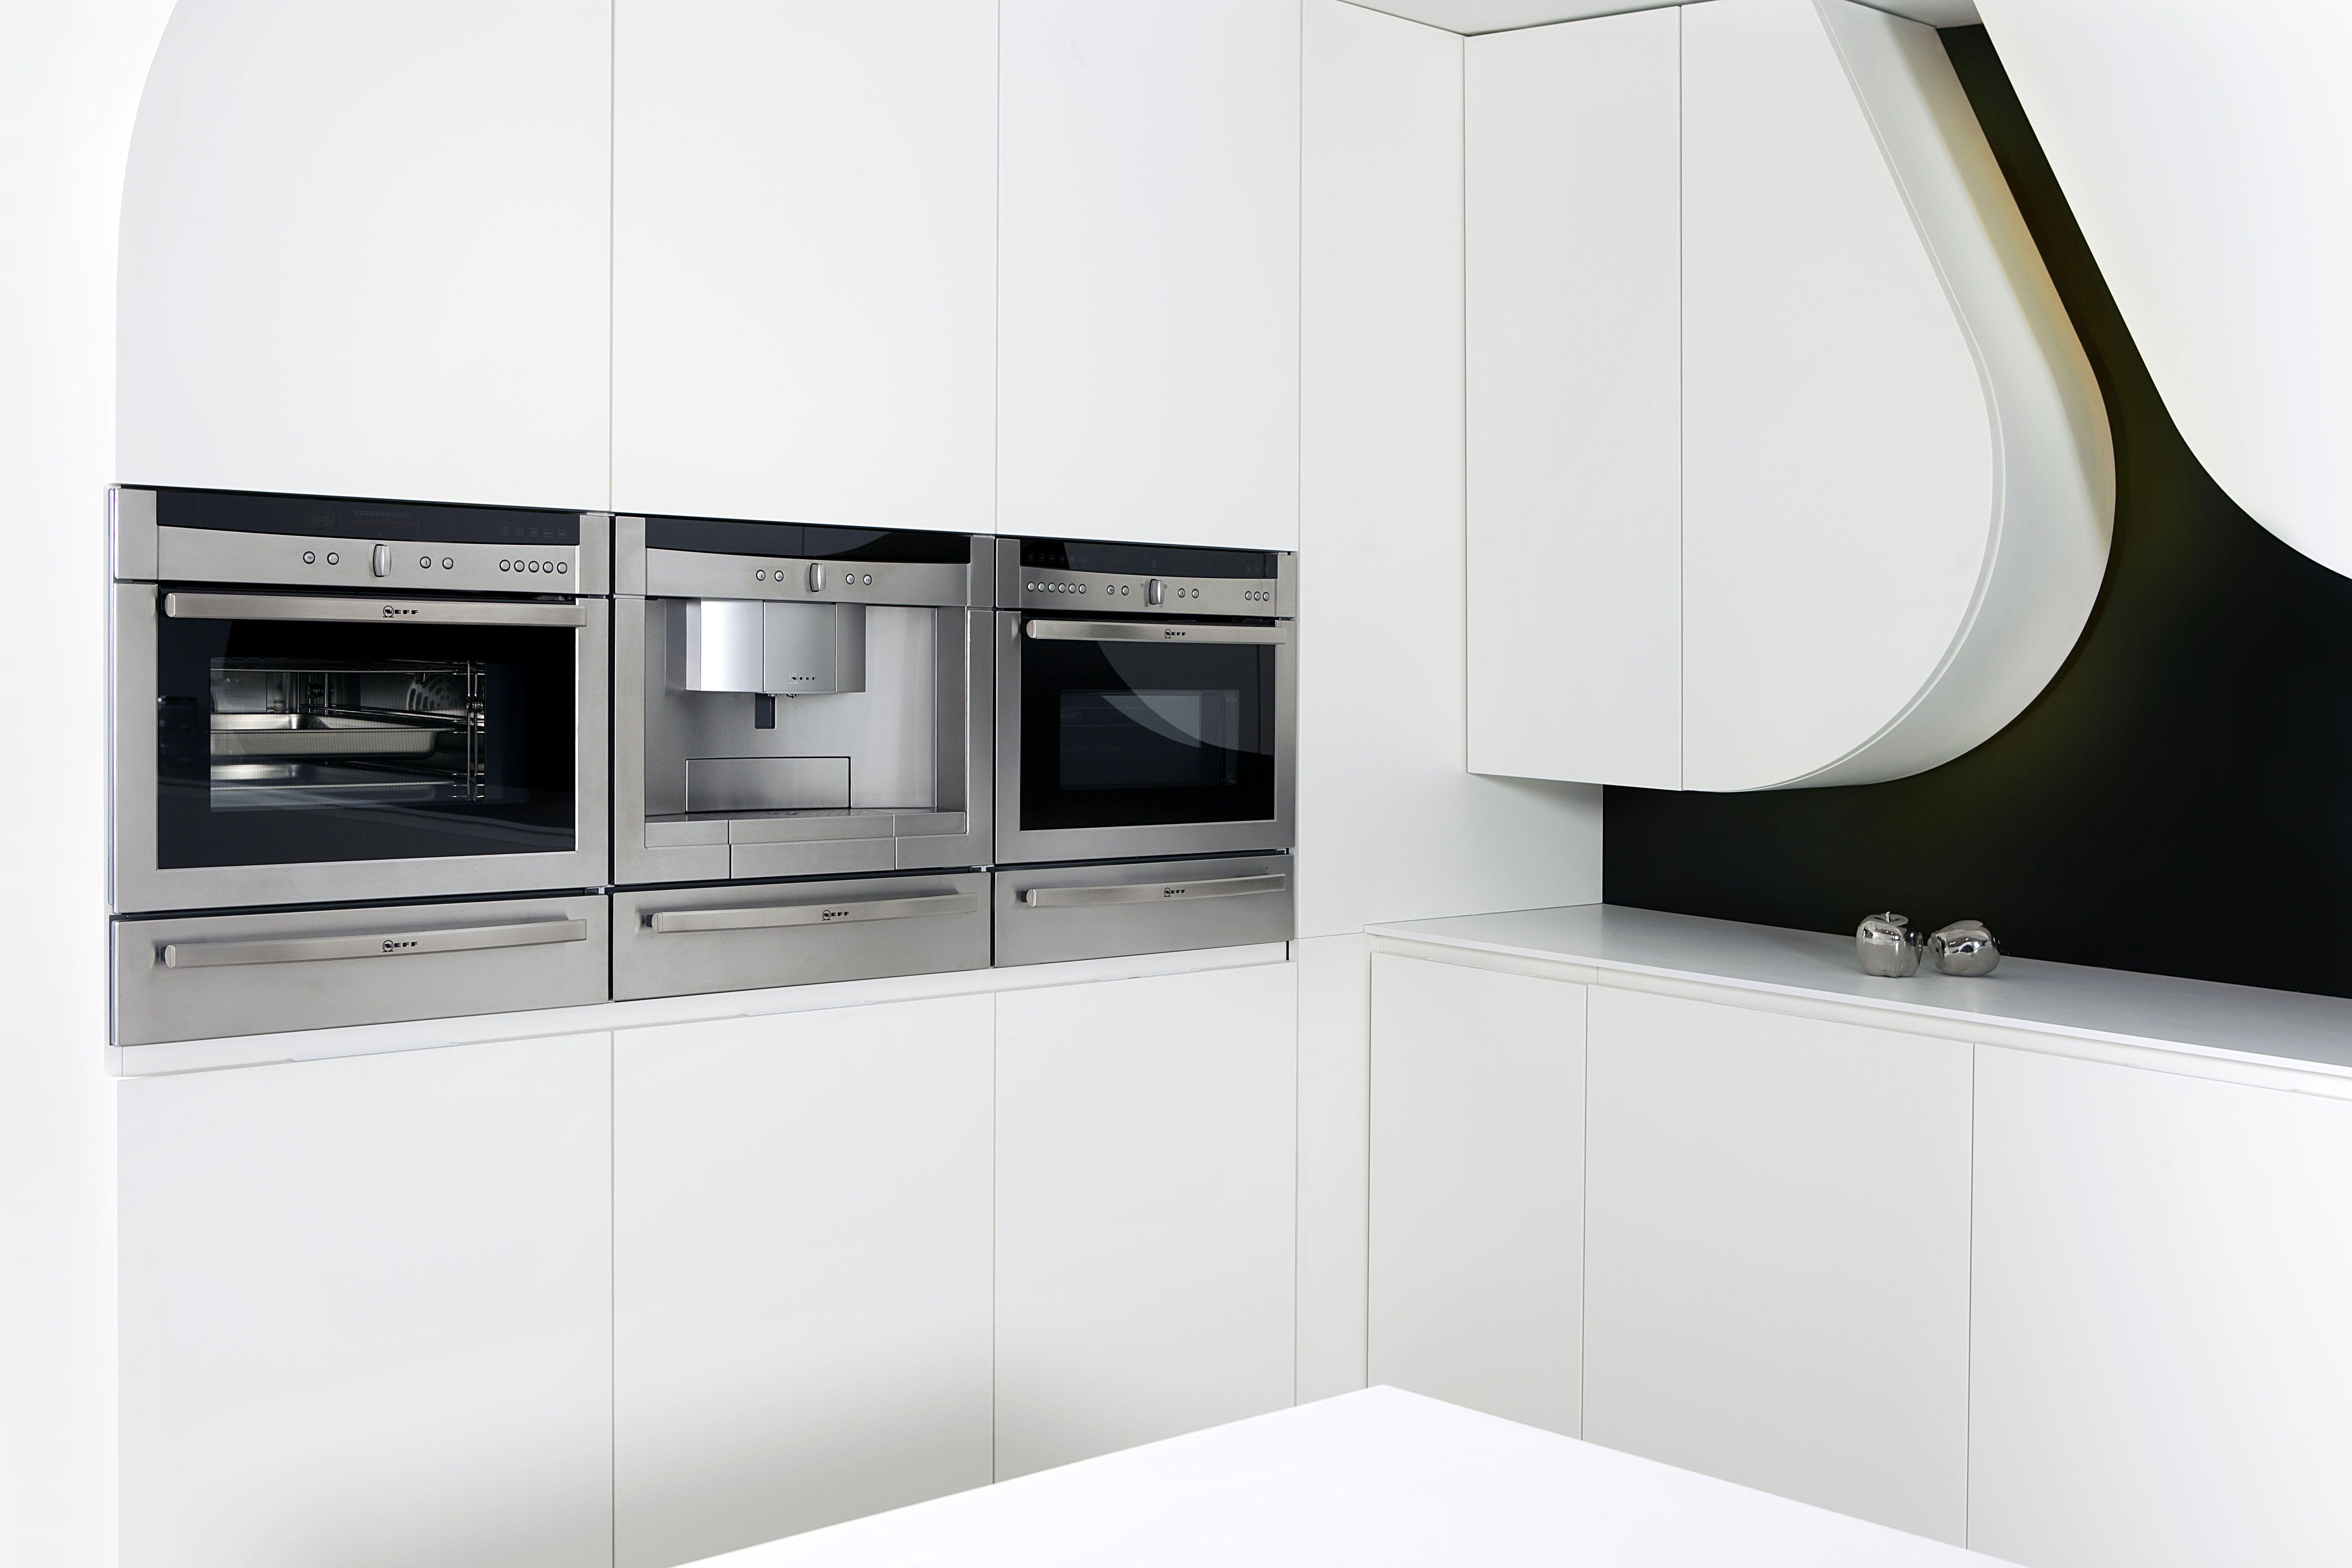 Cocinas de vanguardia escaparate del dise o for Cocinas joaquin torres